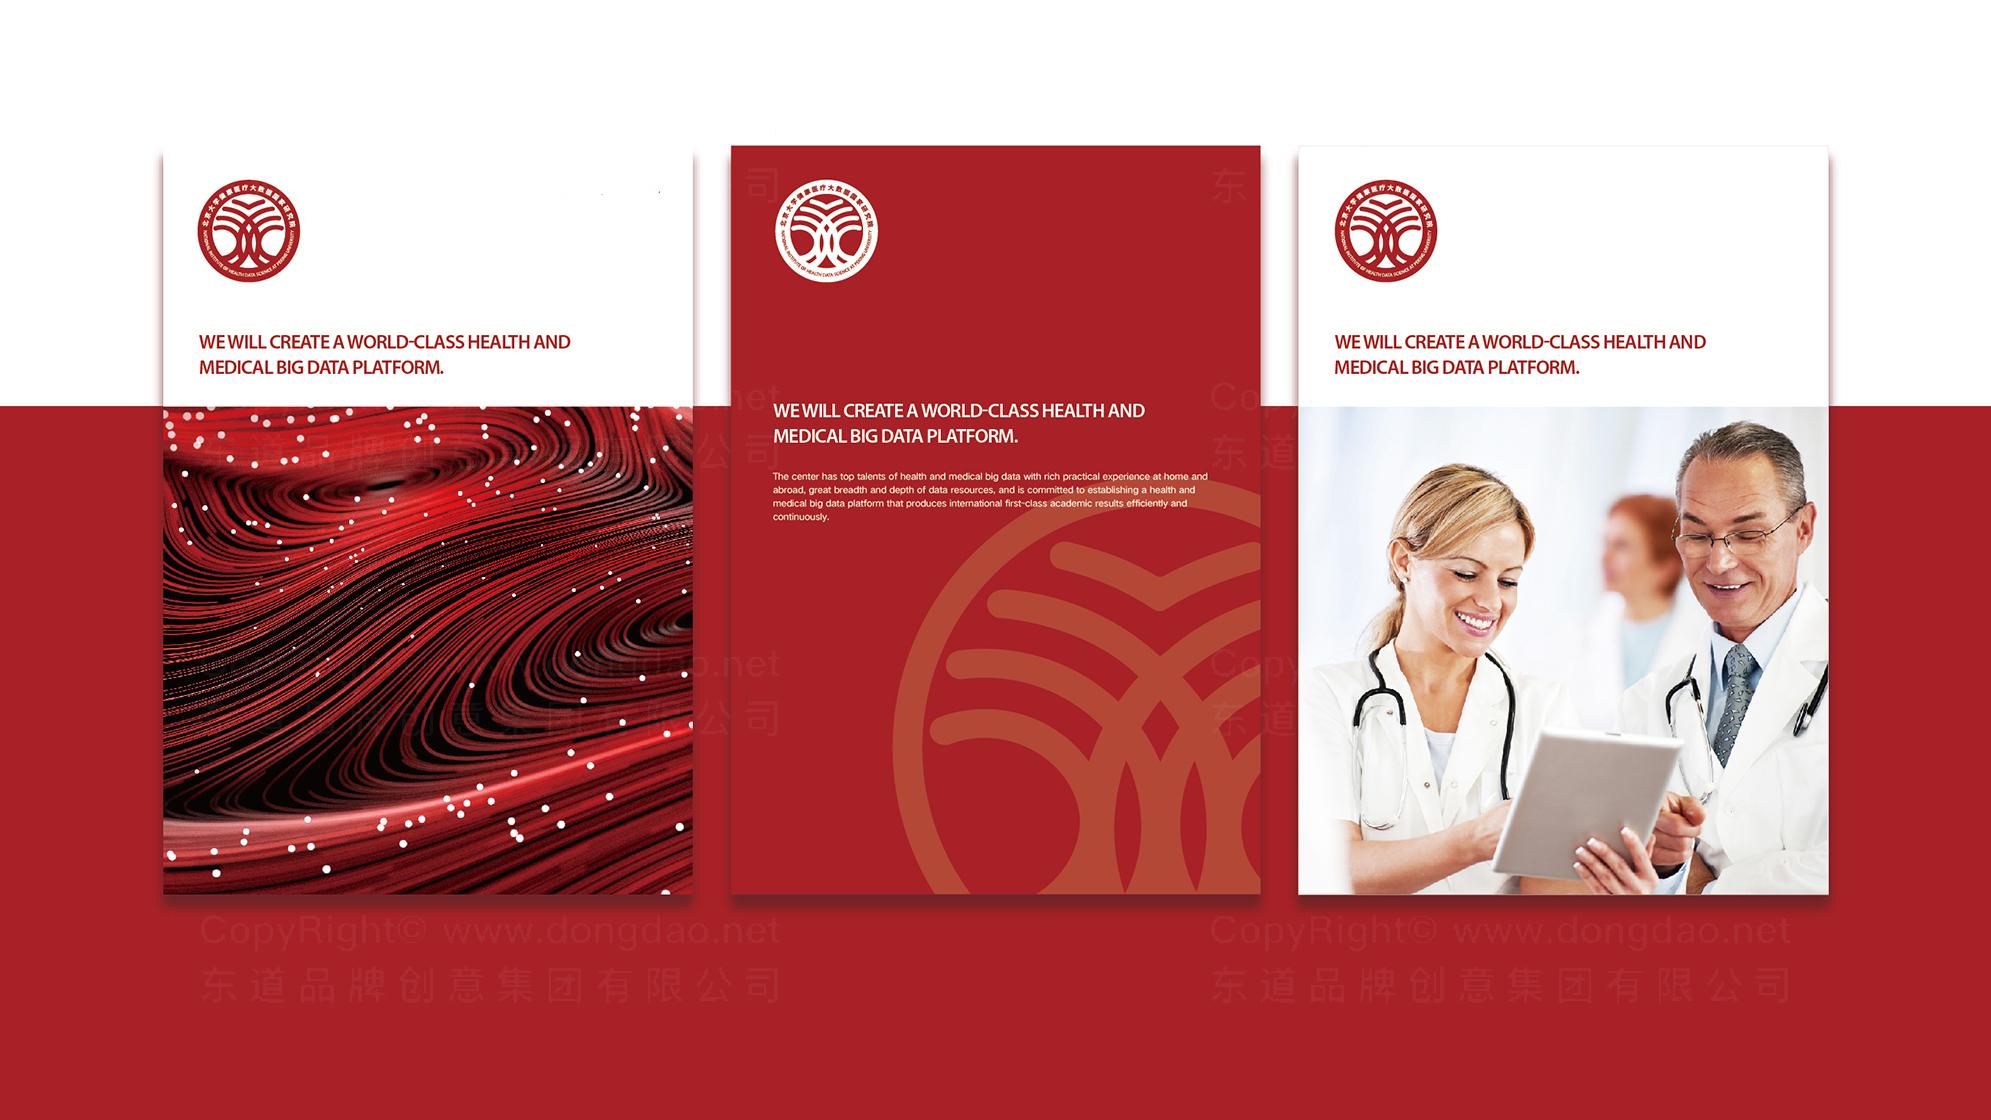 品牌设计北大医疗健康数据研究院LOGO&VI设计应用场景_4